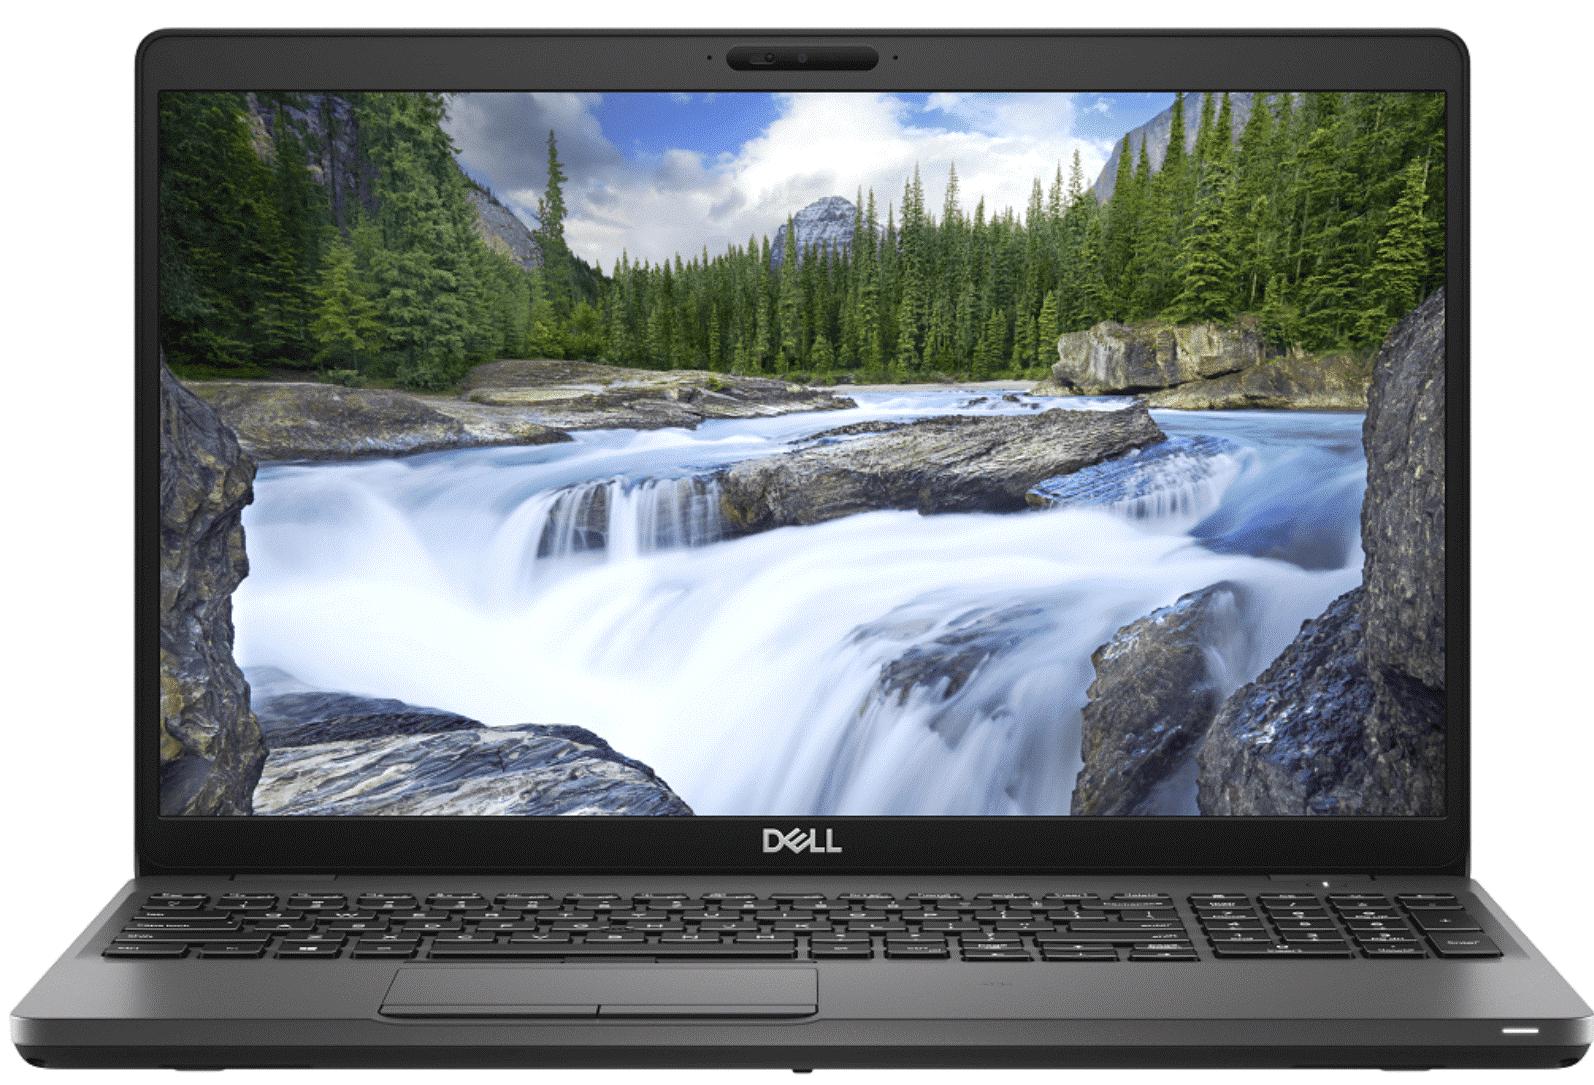 Image of Gatekeeper laptop